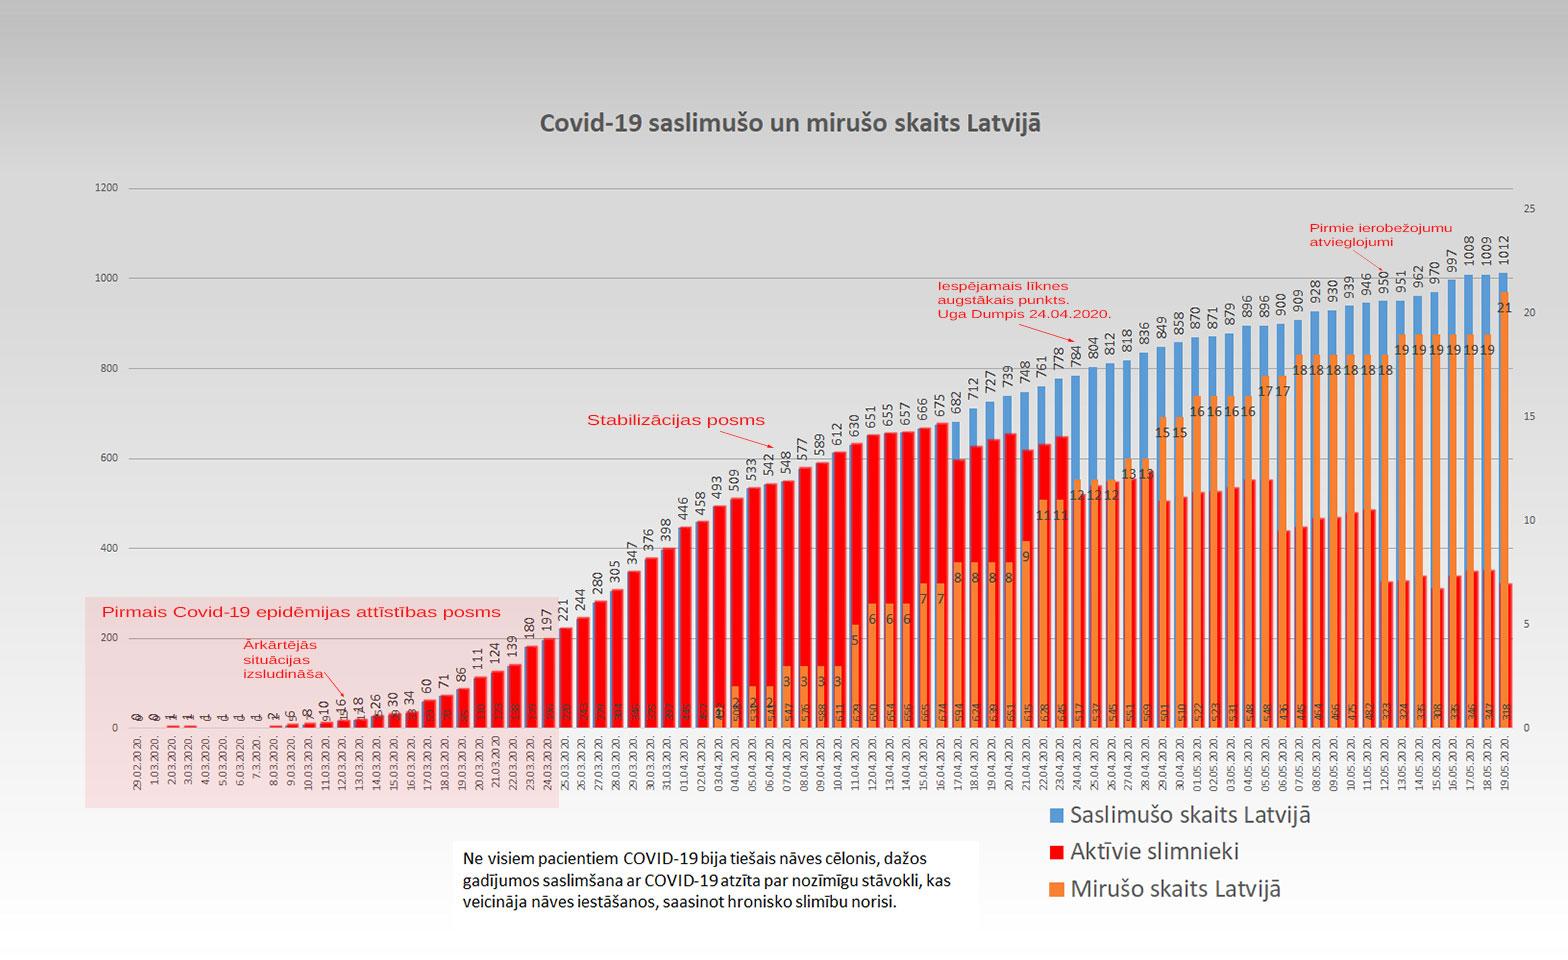 Grafiks ar Covid-19 saslimušo un mirušo skaitu valstī 19.5.2020.